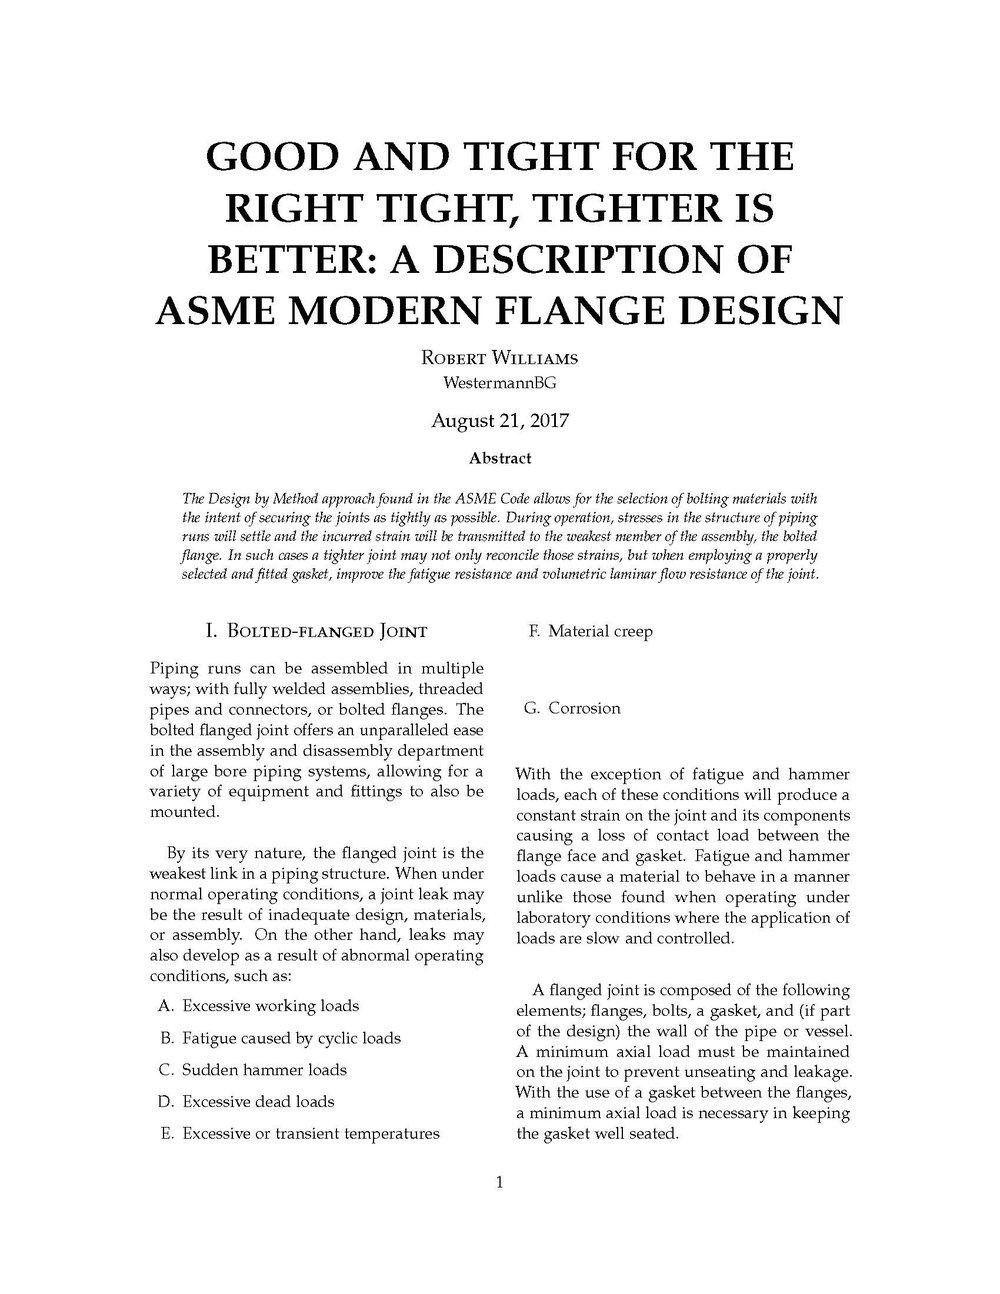 Modern Flange Design_Page_1.jpg